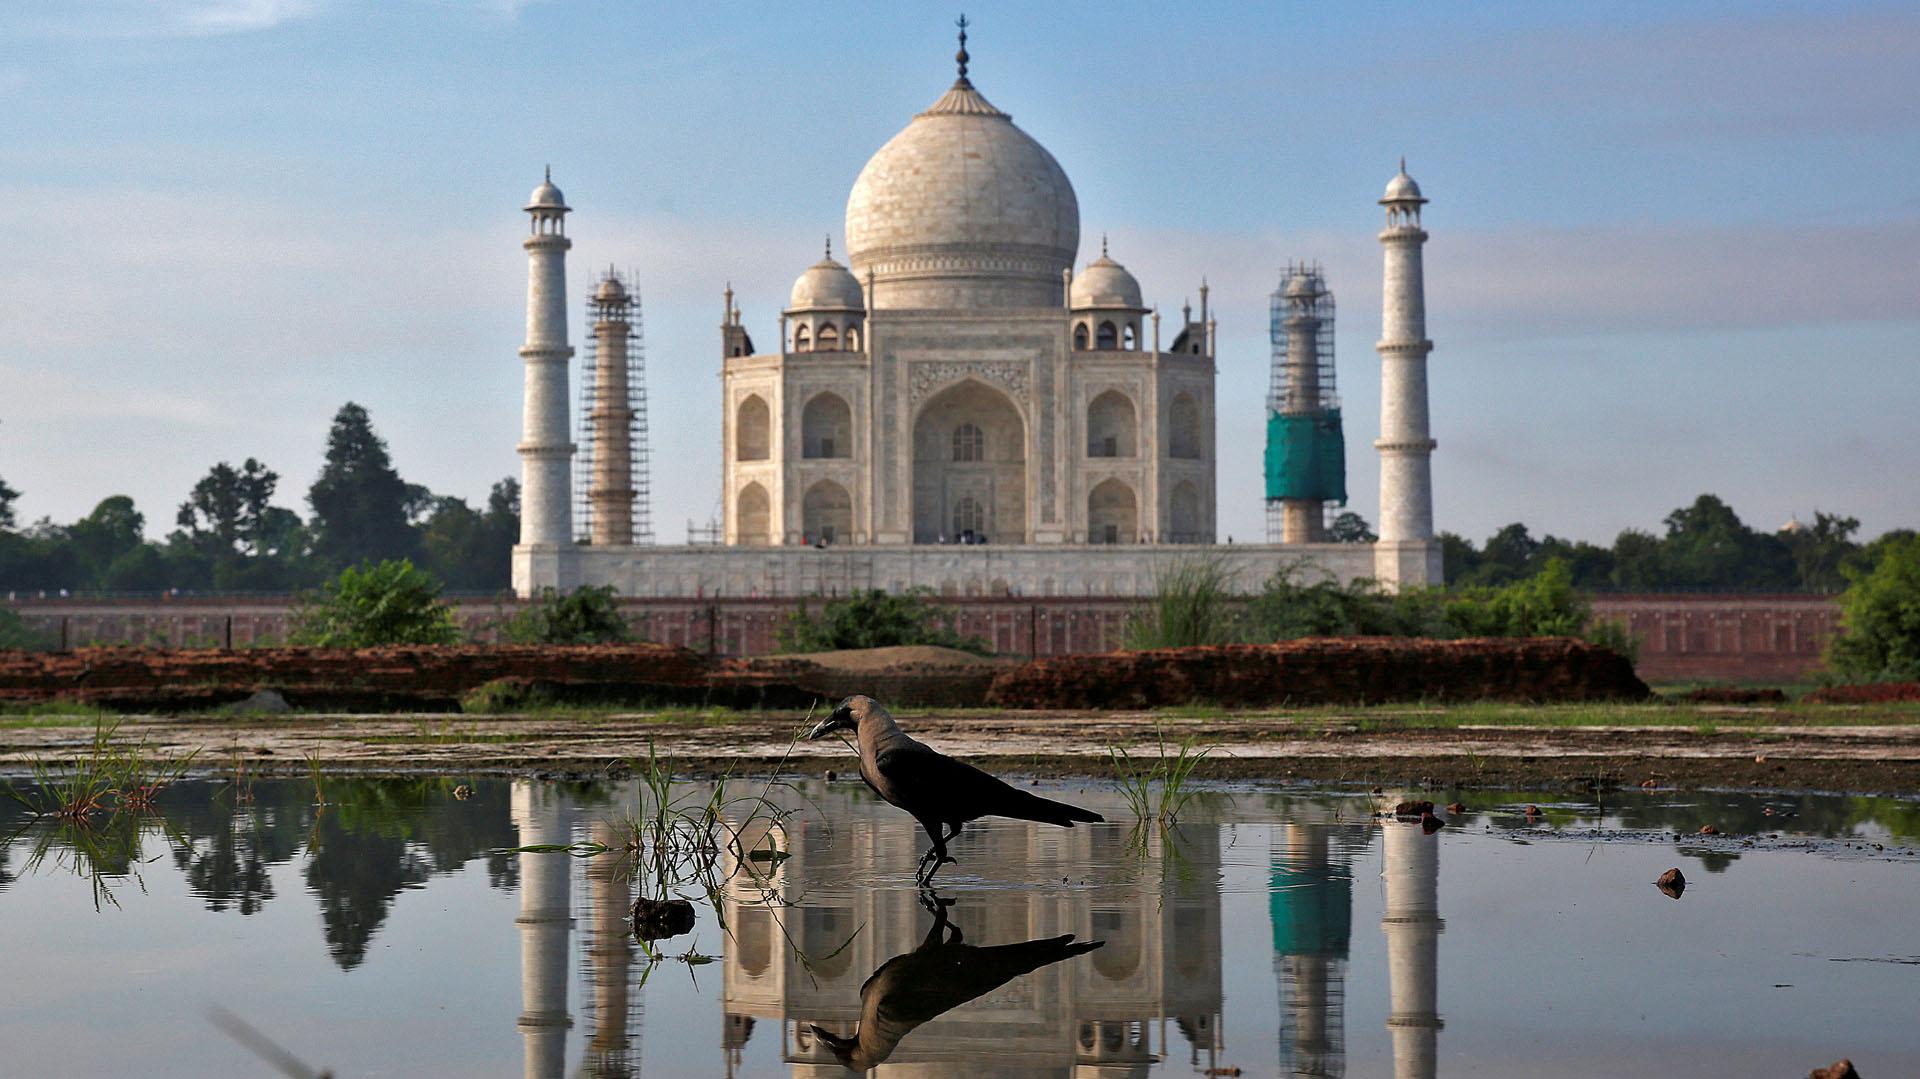 El complejo de edificios del Taj Mahal fue construido en el siglo XVII y es considerado una de las maravillas del mundo moderno. Más de dos millones de turistas por año recorren el monumento (REUTERS)